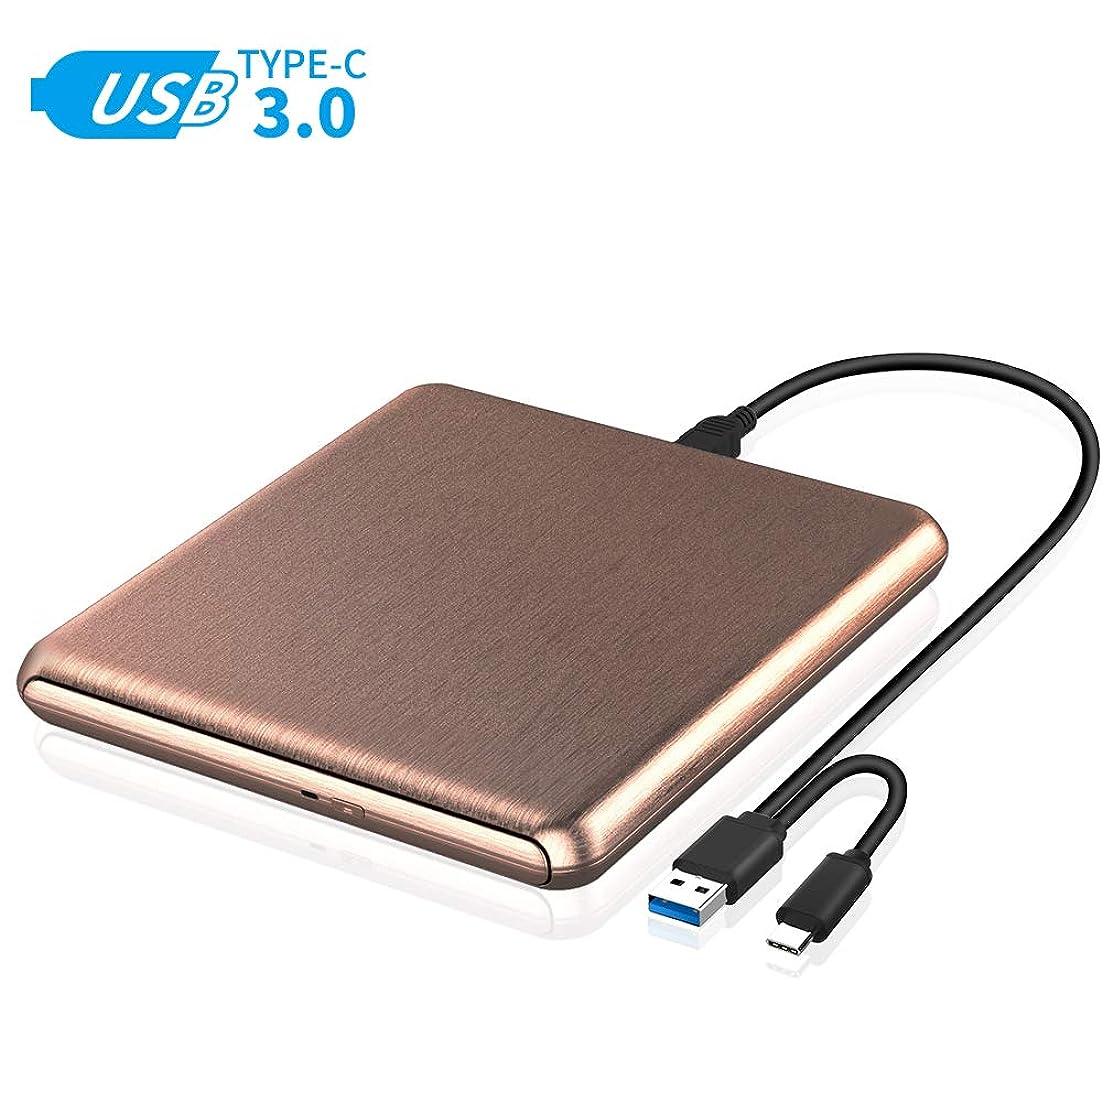 絡まる虫石炭耐衝撃?コネクター保護機構?日本製 USB3.1(Gen1) 対応 ポータブルSSD 480GB SSD-PG480U3-B/NL 【PS4 メーカー動作確認済】